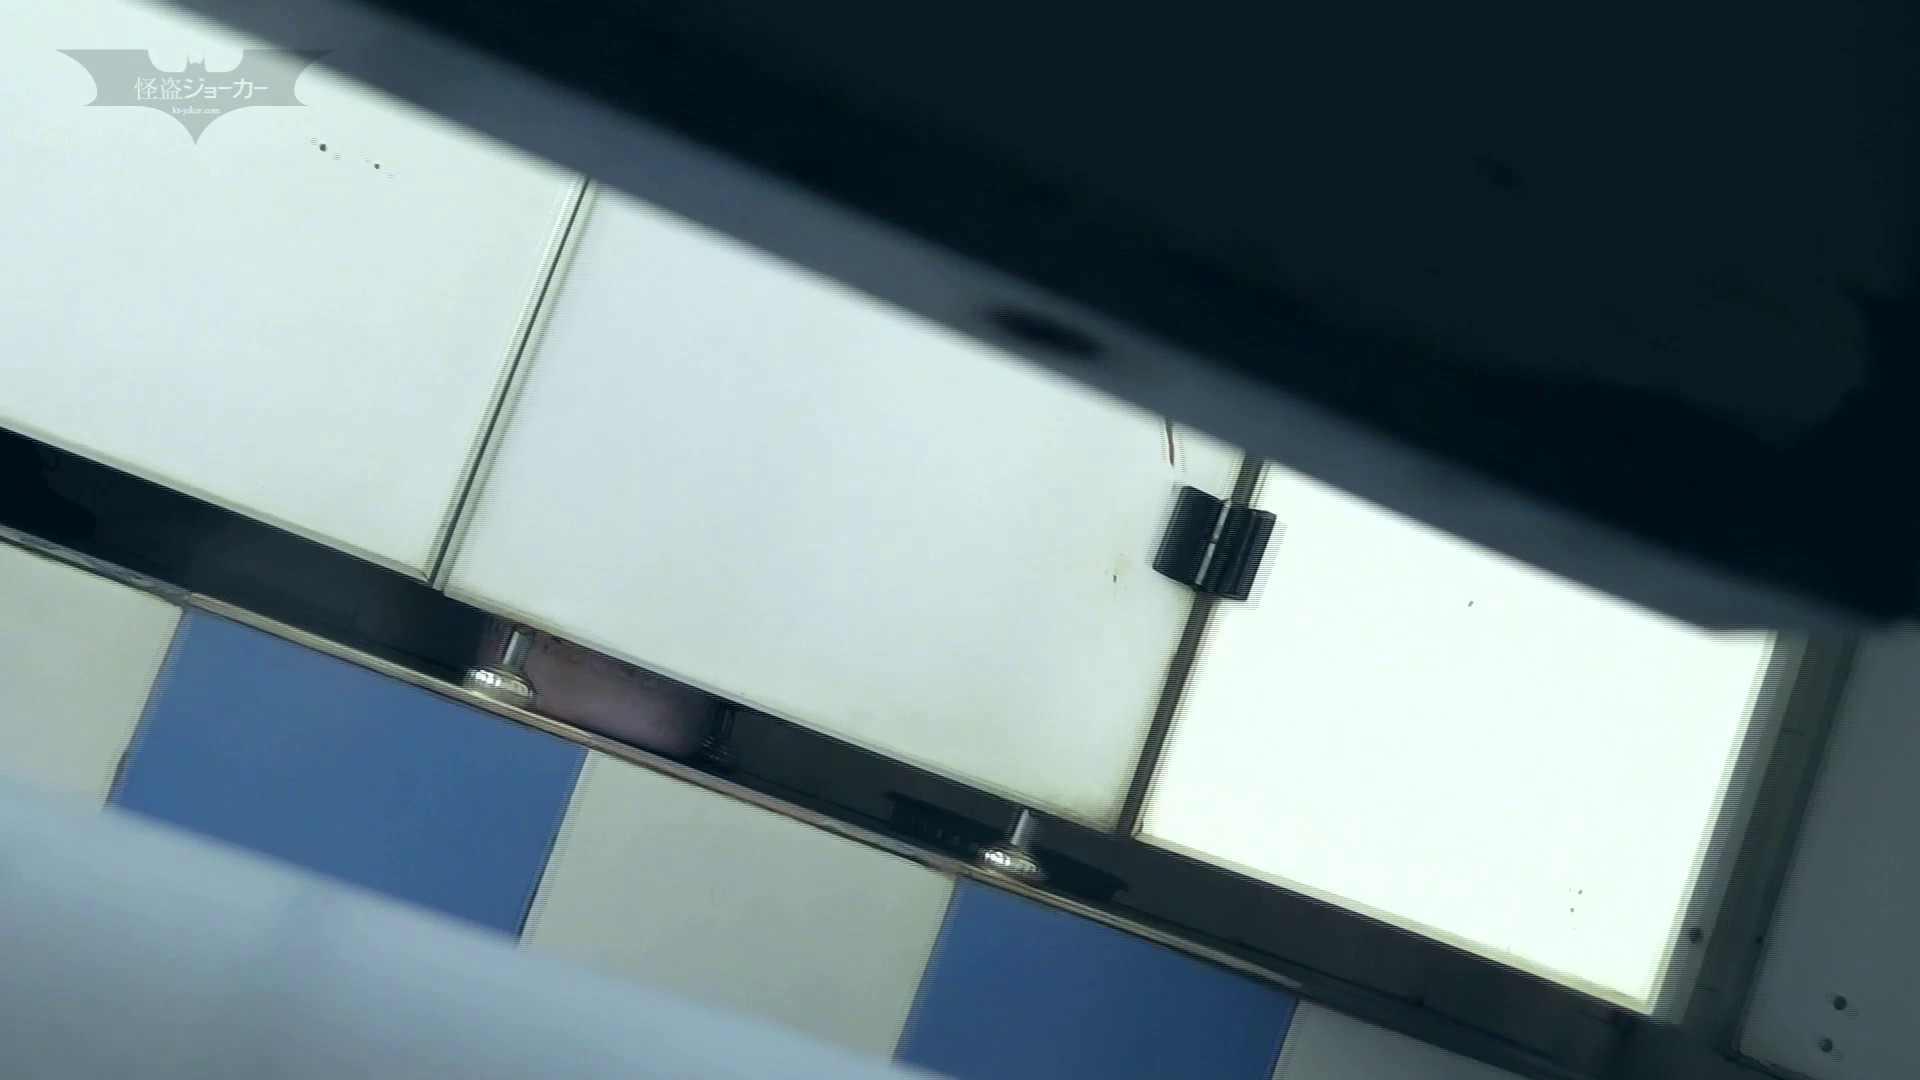 下からノゾム vol.030 びしょびしょの連続、お尻半分濡れるほど、 高画質 | 洗面所  84画像 29